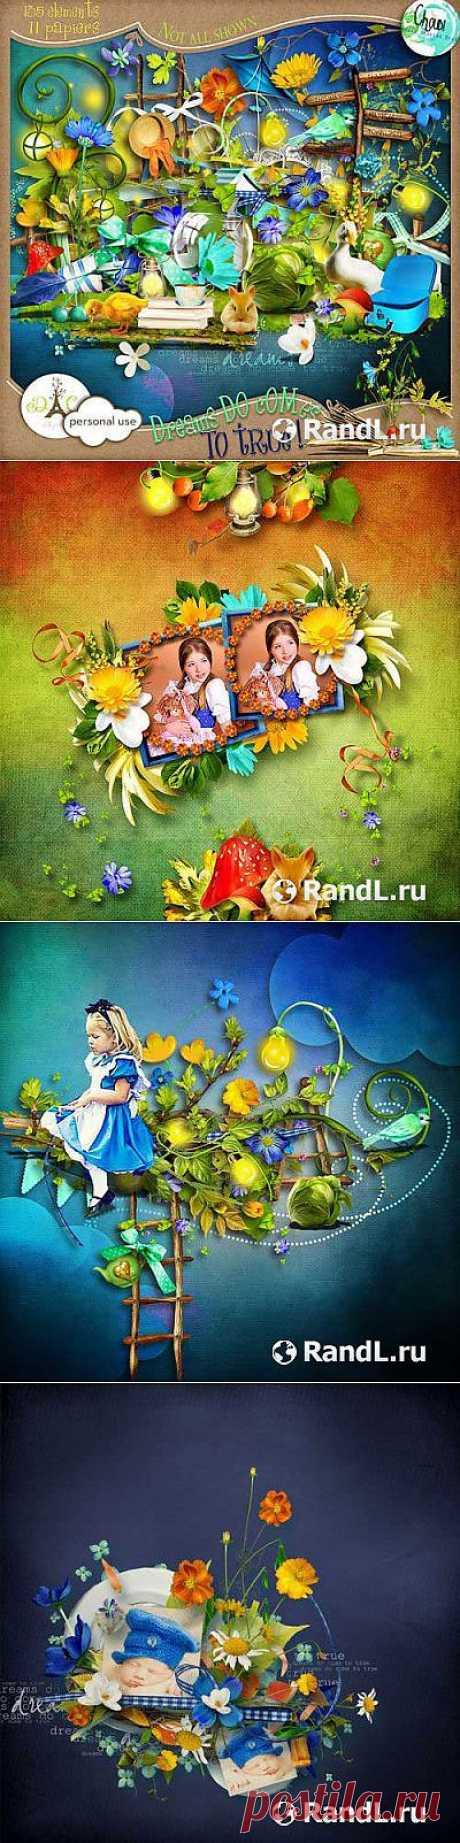 Детский скрап-комплект - Мечты действительно исполняются » RandL.ru - Все о графике, photoshop и дизайне. Скачать бесплатно photoshop, фото, картинки, обои, рисунки, иконки, клипарты, шаблоны.